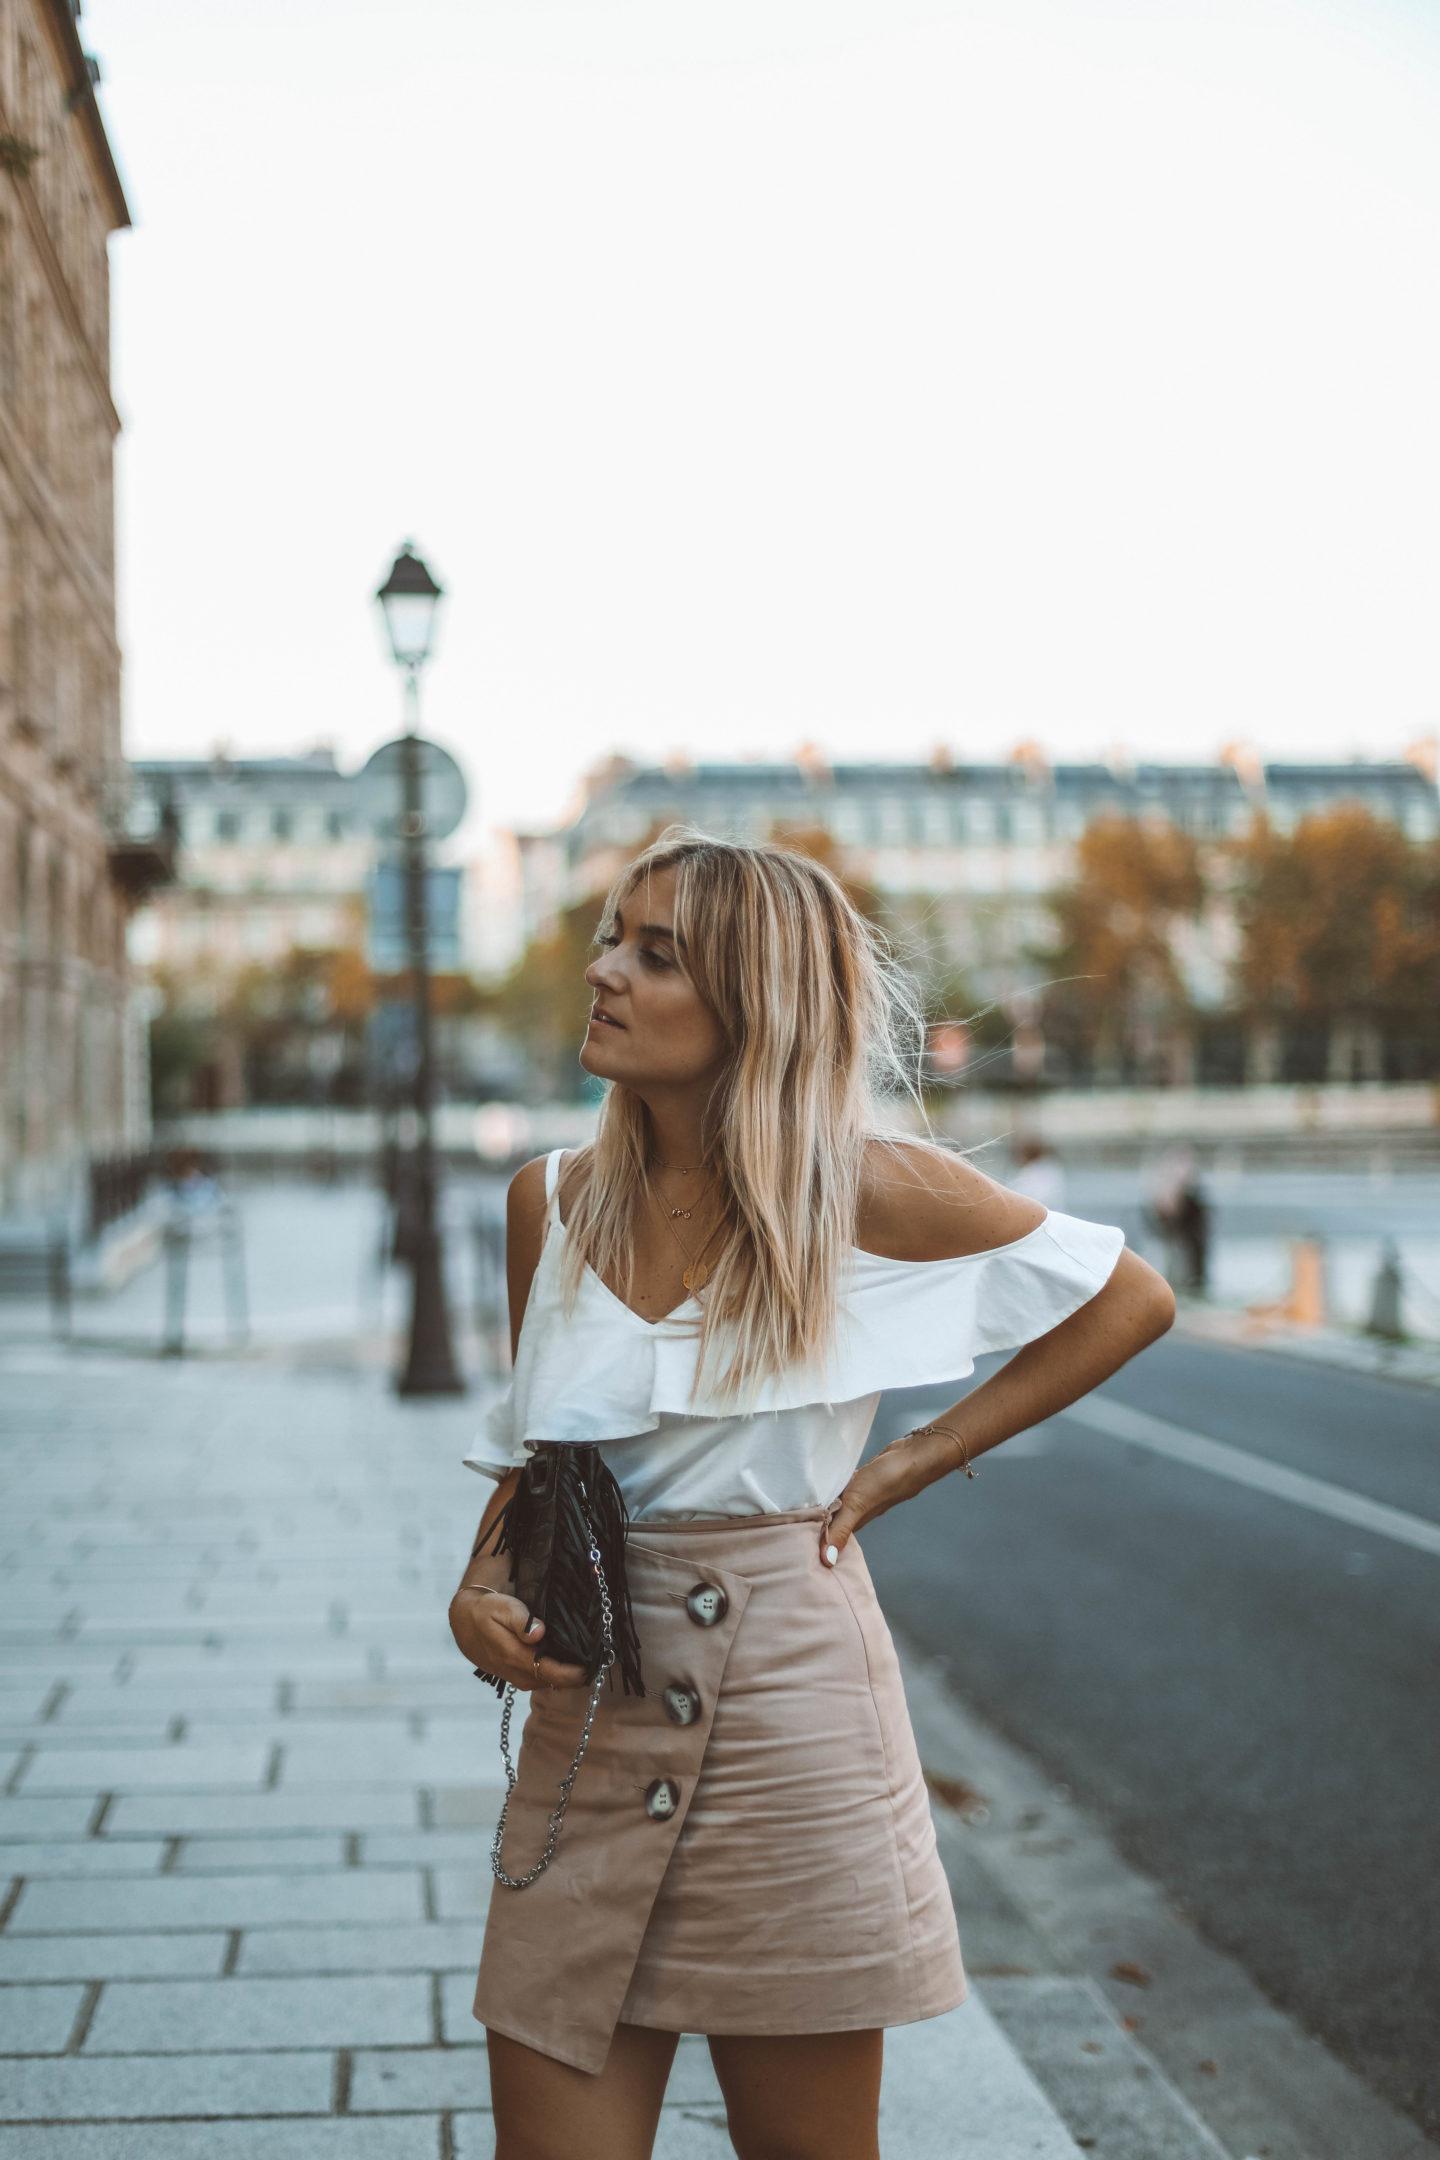 Top à volant - Blondie baby blog mode Paris et voyages